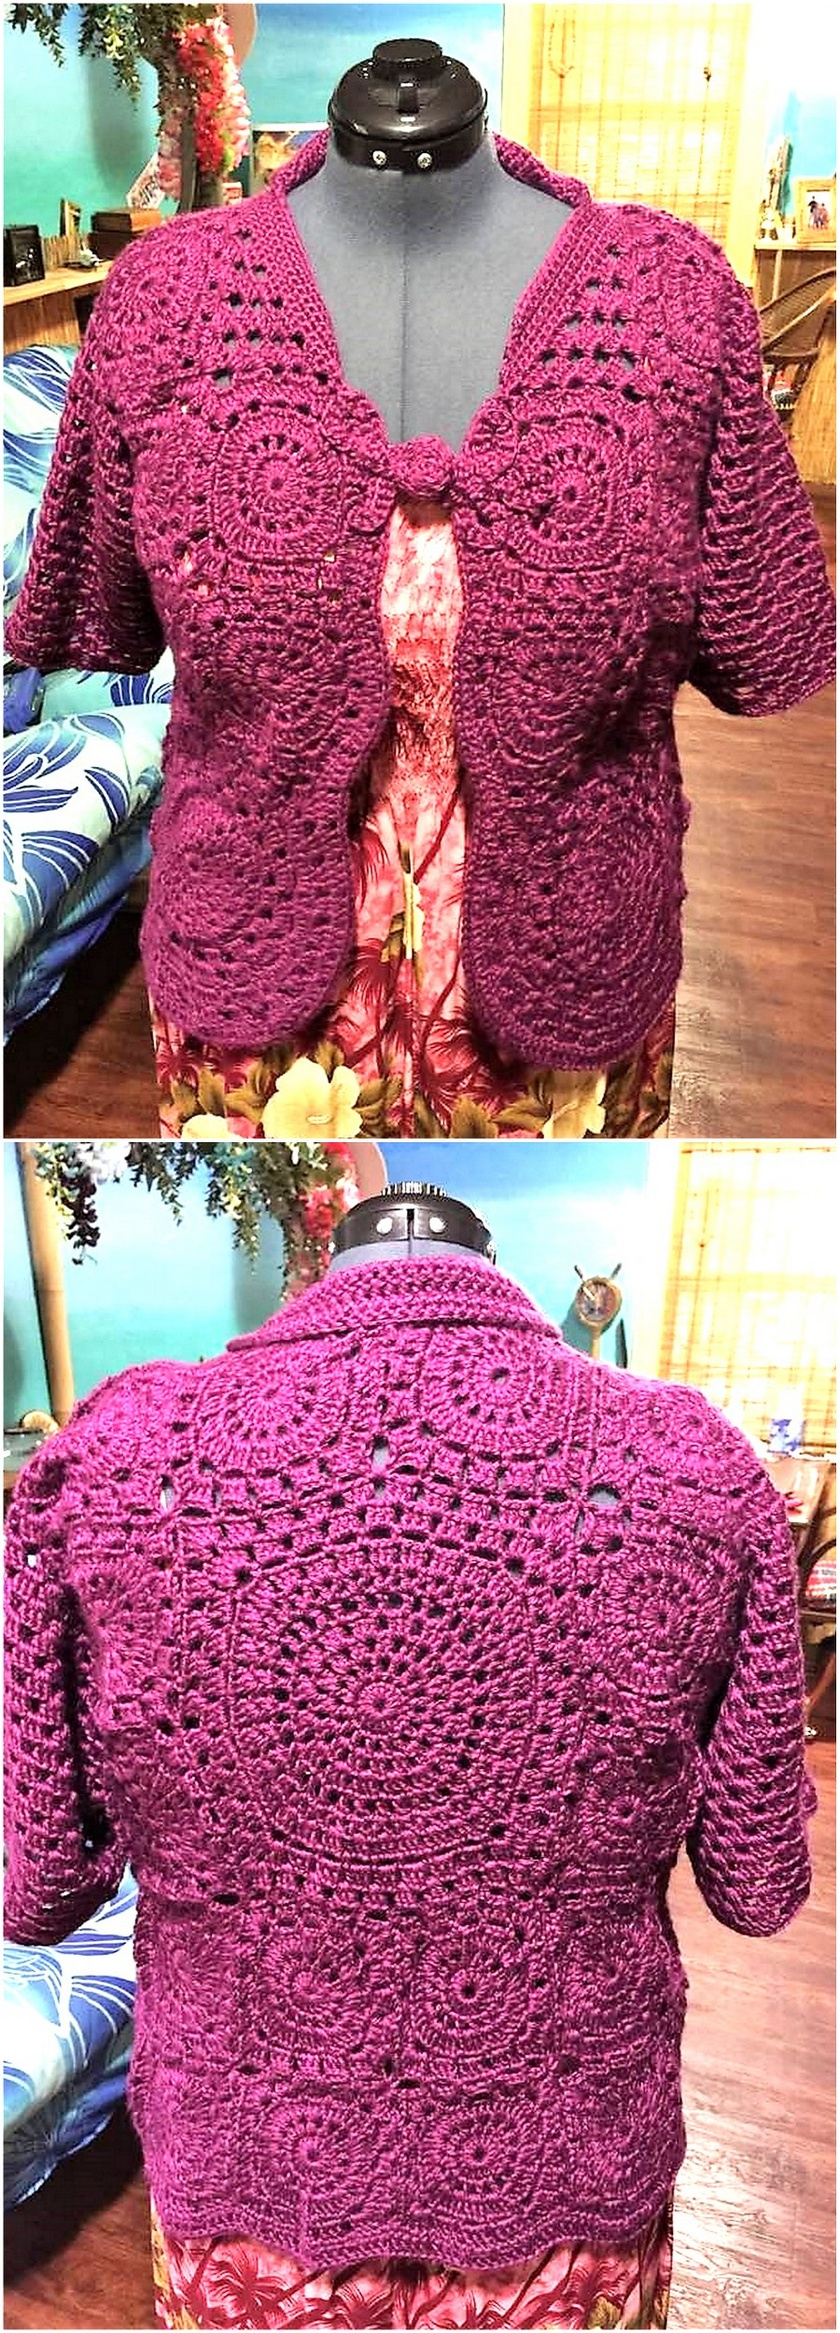 crochet sweater 10